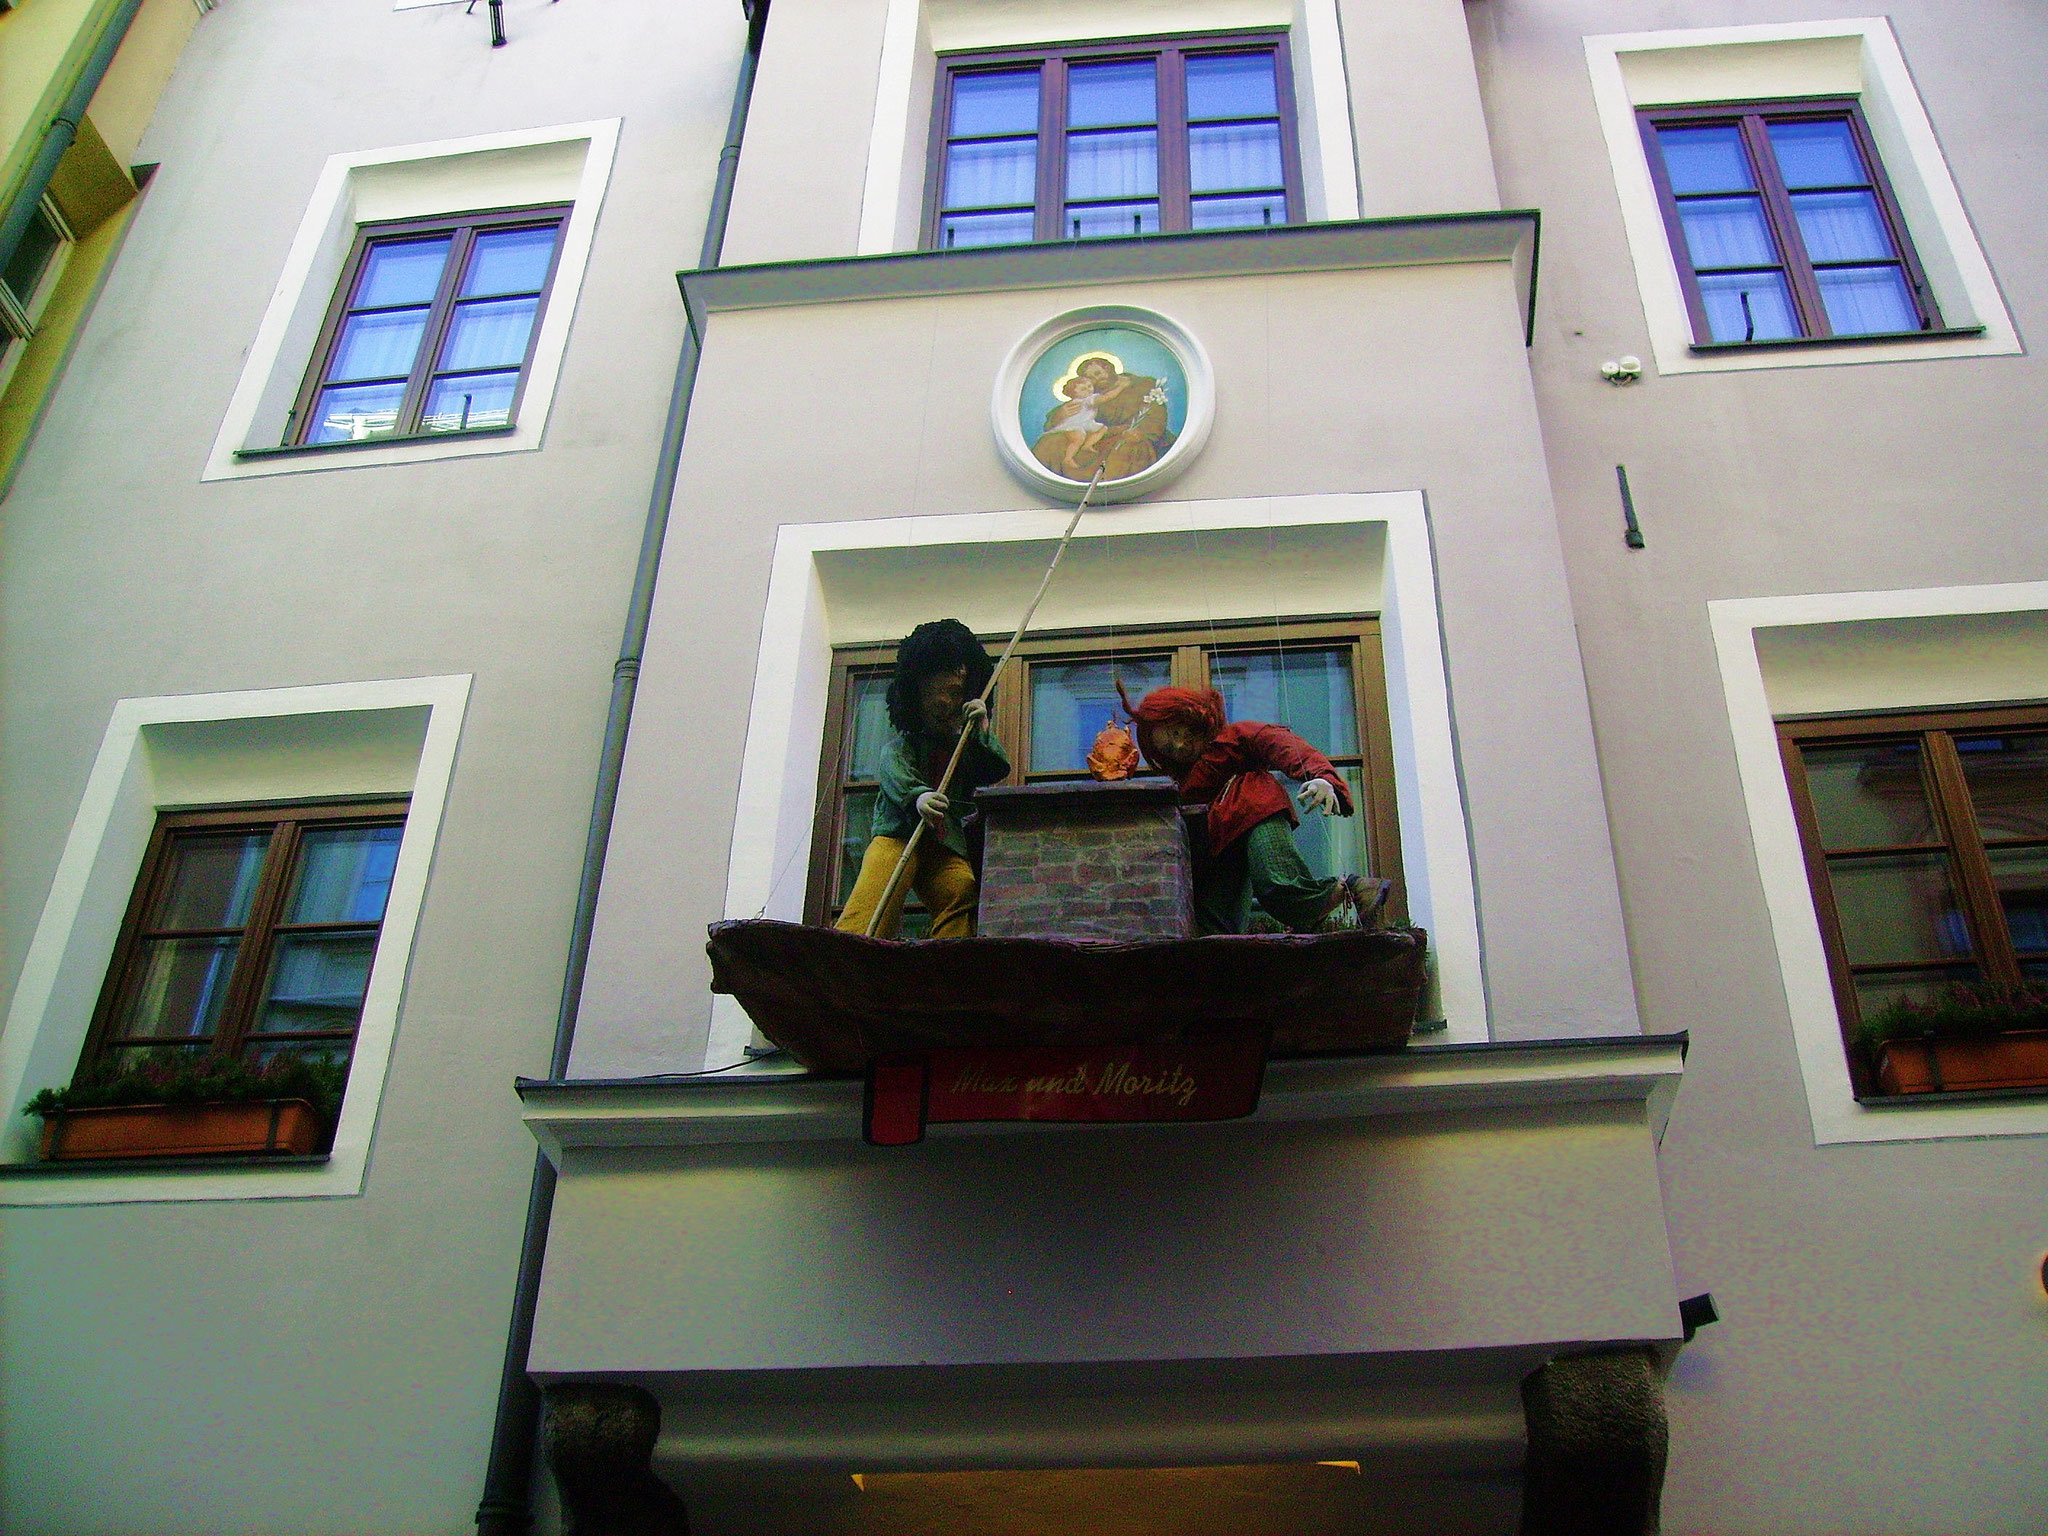 Max u. Moritz